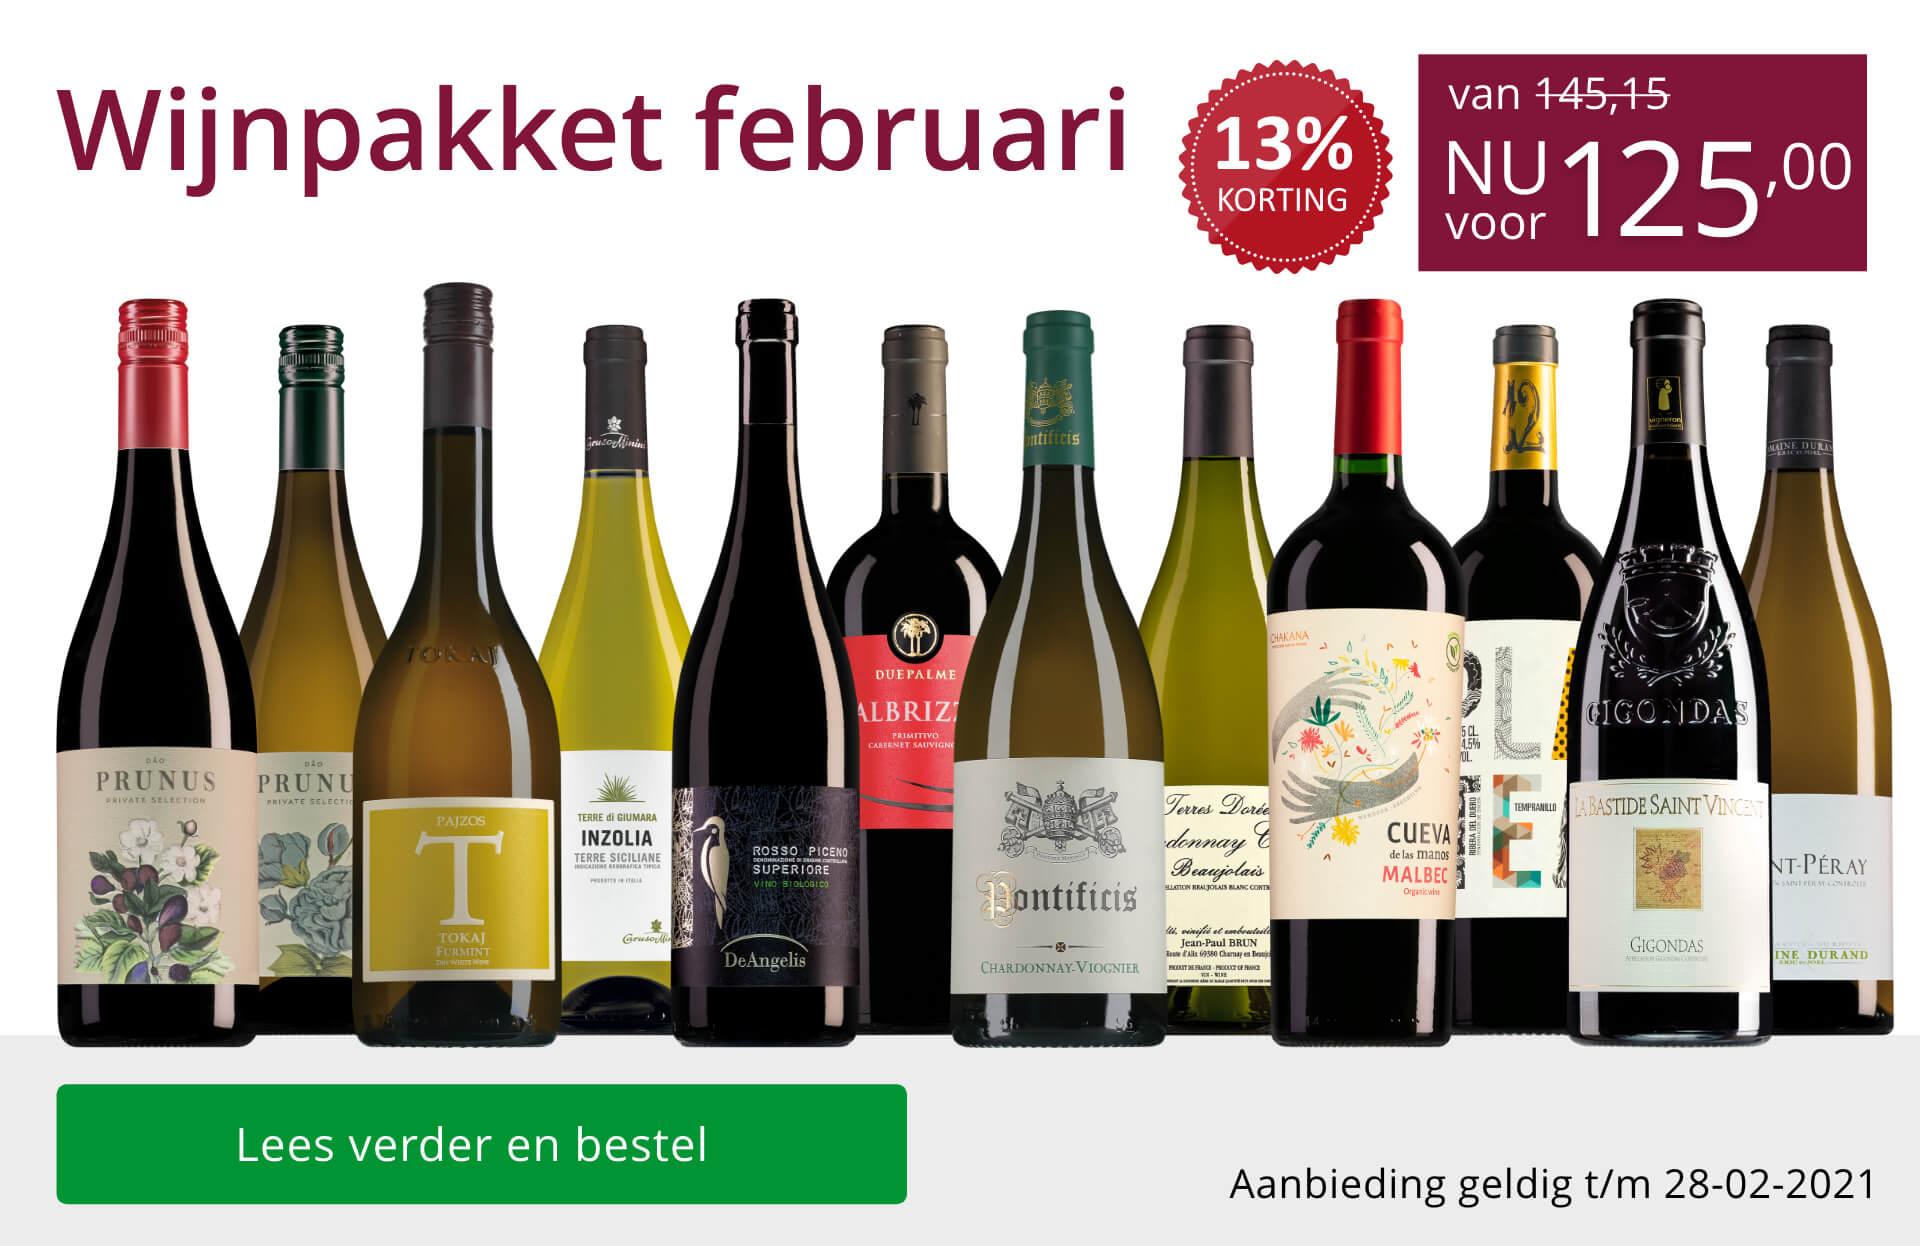 Wijnpakket wijnbericht februari 2021(125,00)-paars